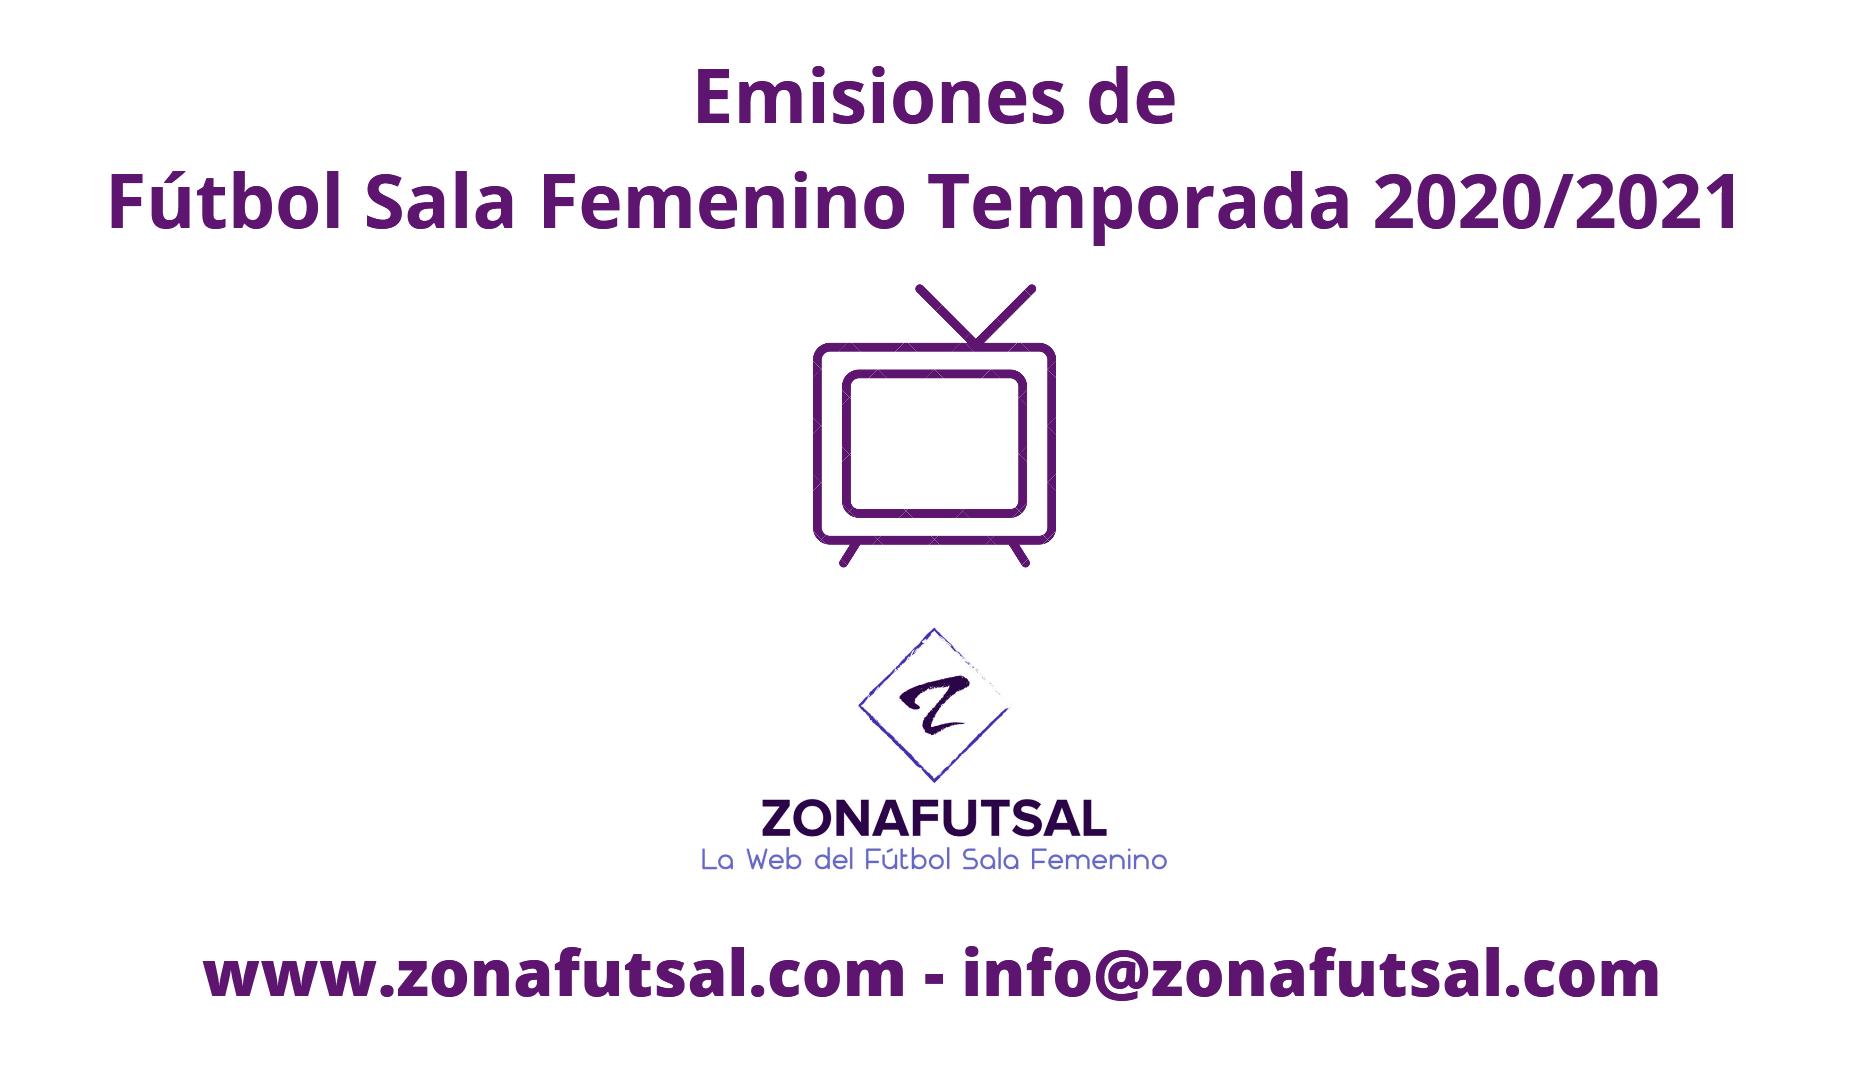 Emisiones en Directo de la 1ª División de Fútbol Sala Femenino - Jornada 7ª